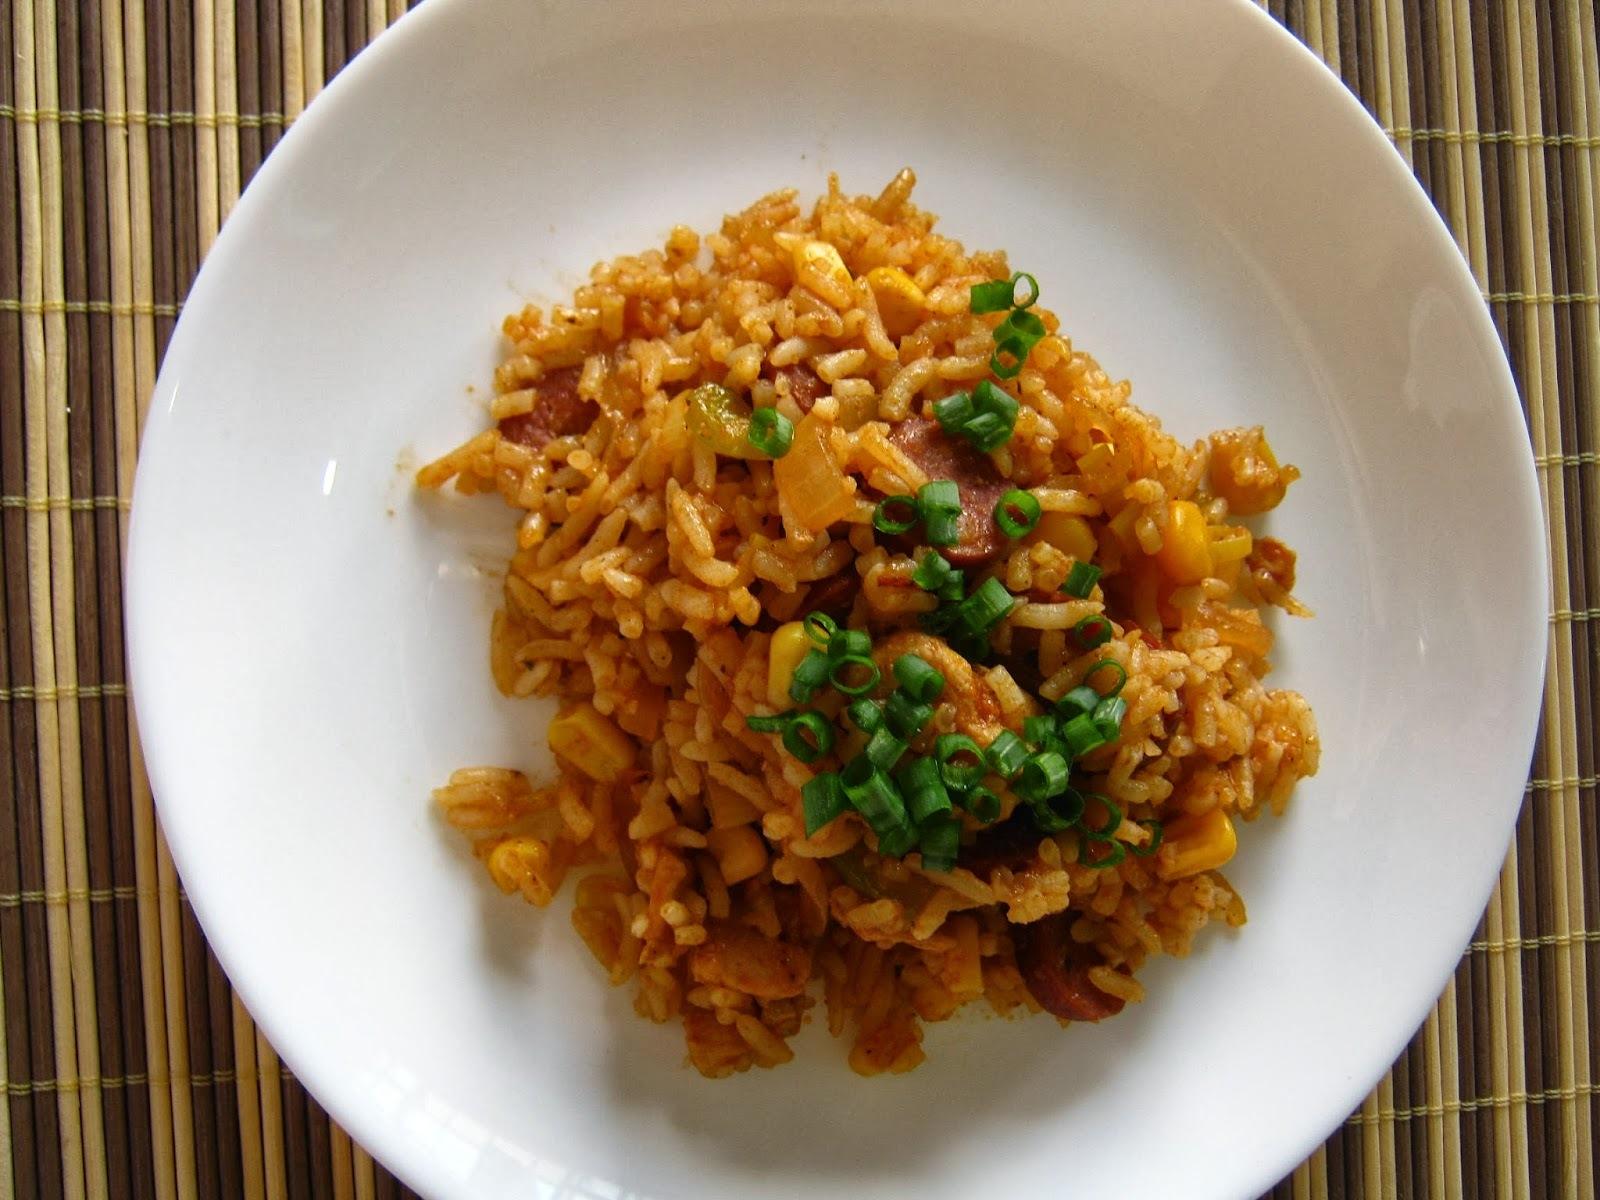 de arroz temperado com frango simples